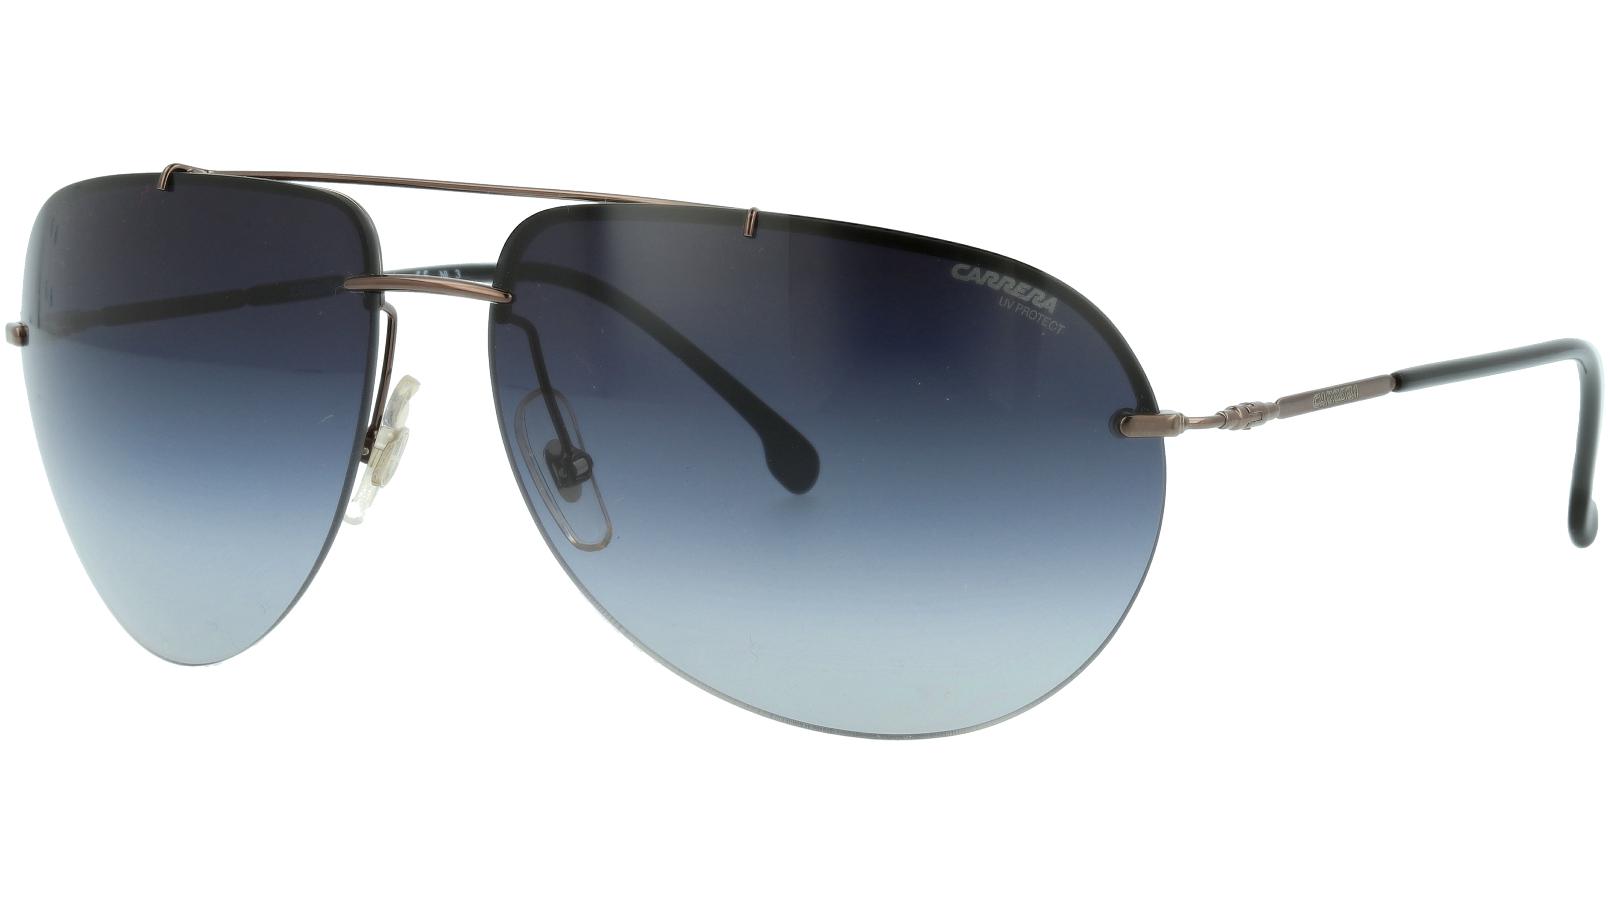 CARRERA CARRERA 149/S KJ19O 65 DARK Sunglasses